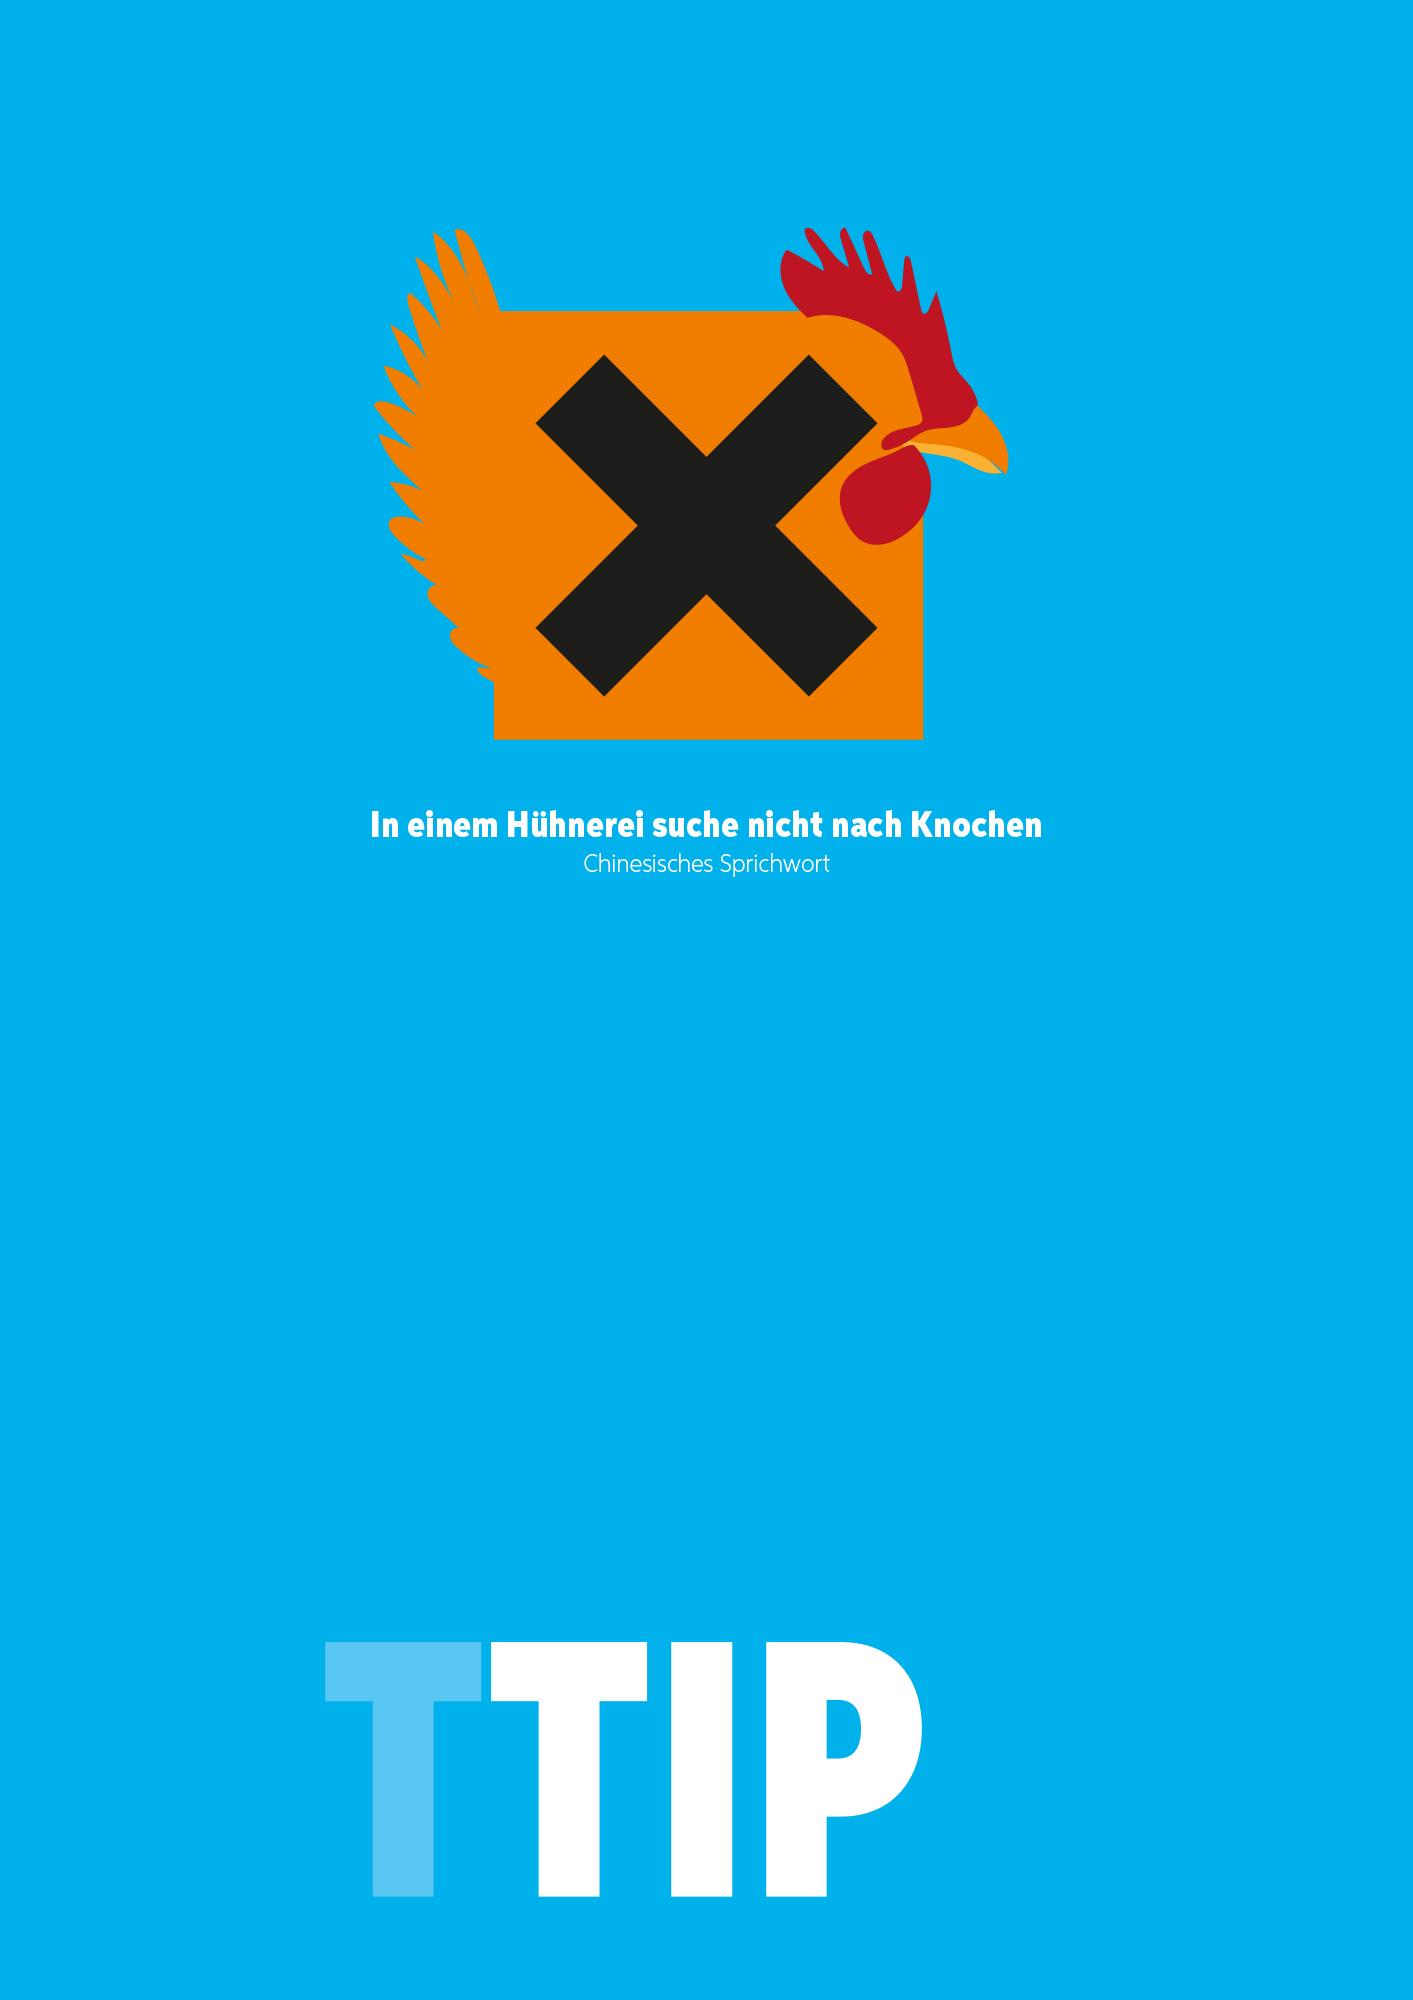 """TTIP, Einreichung Wettbewerb """"Graphics go Politics!"""""""